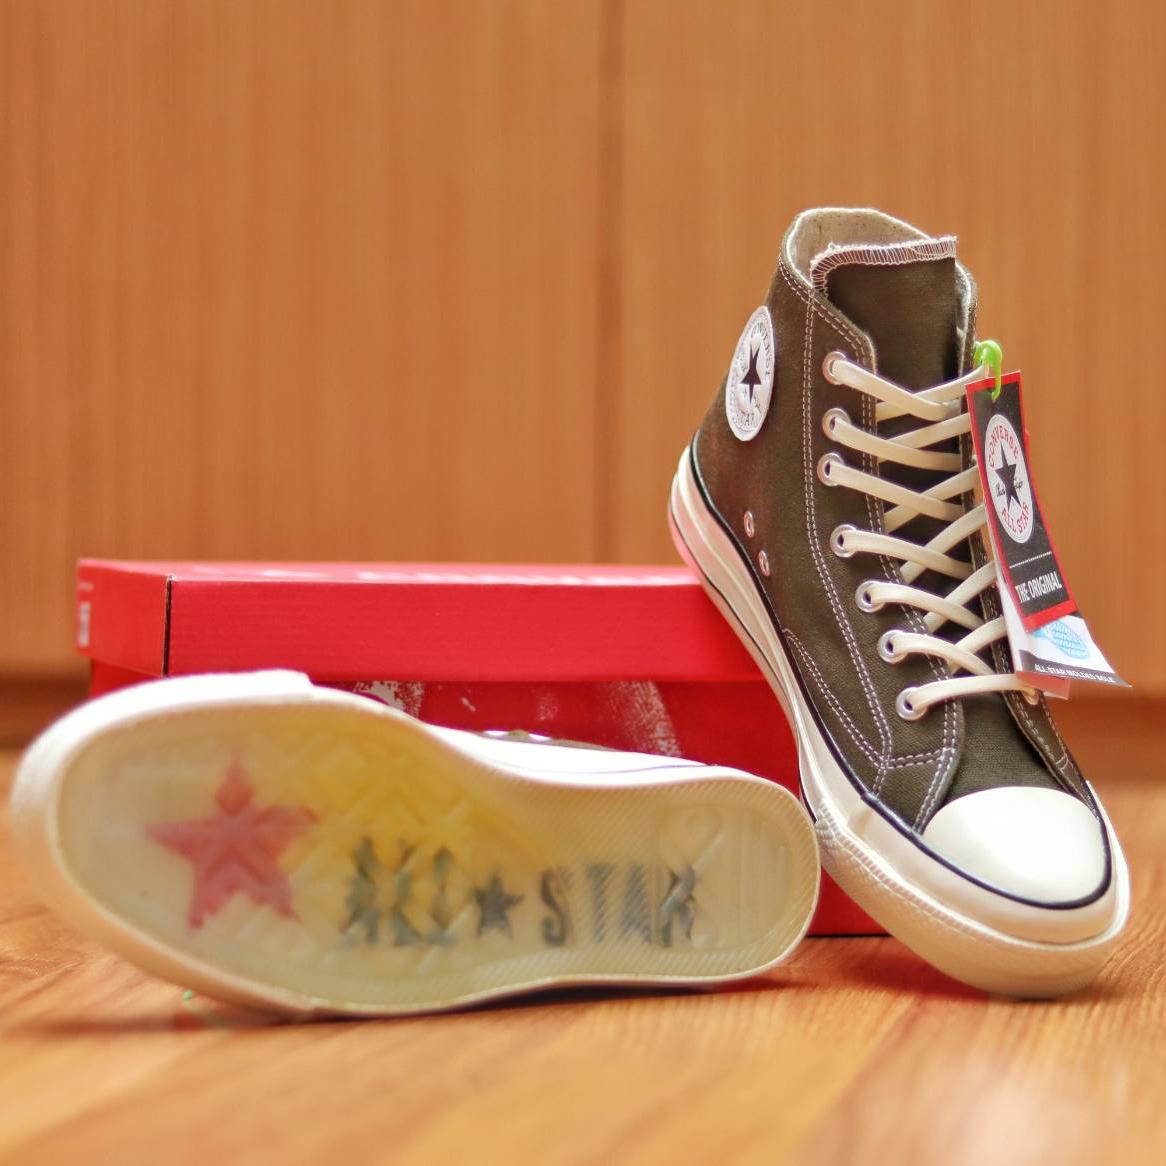 ⭐️⭐️⭐️⭐️⭐️ sepatu terlaris sepatu wanita sneakers pria sneakers wanita converse1_70s low